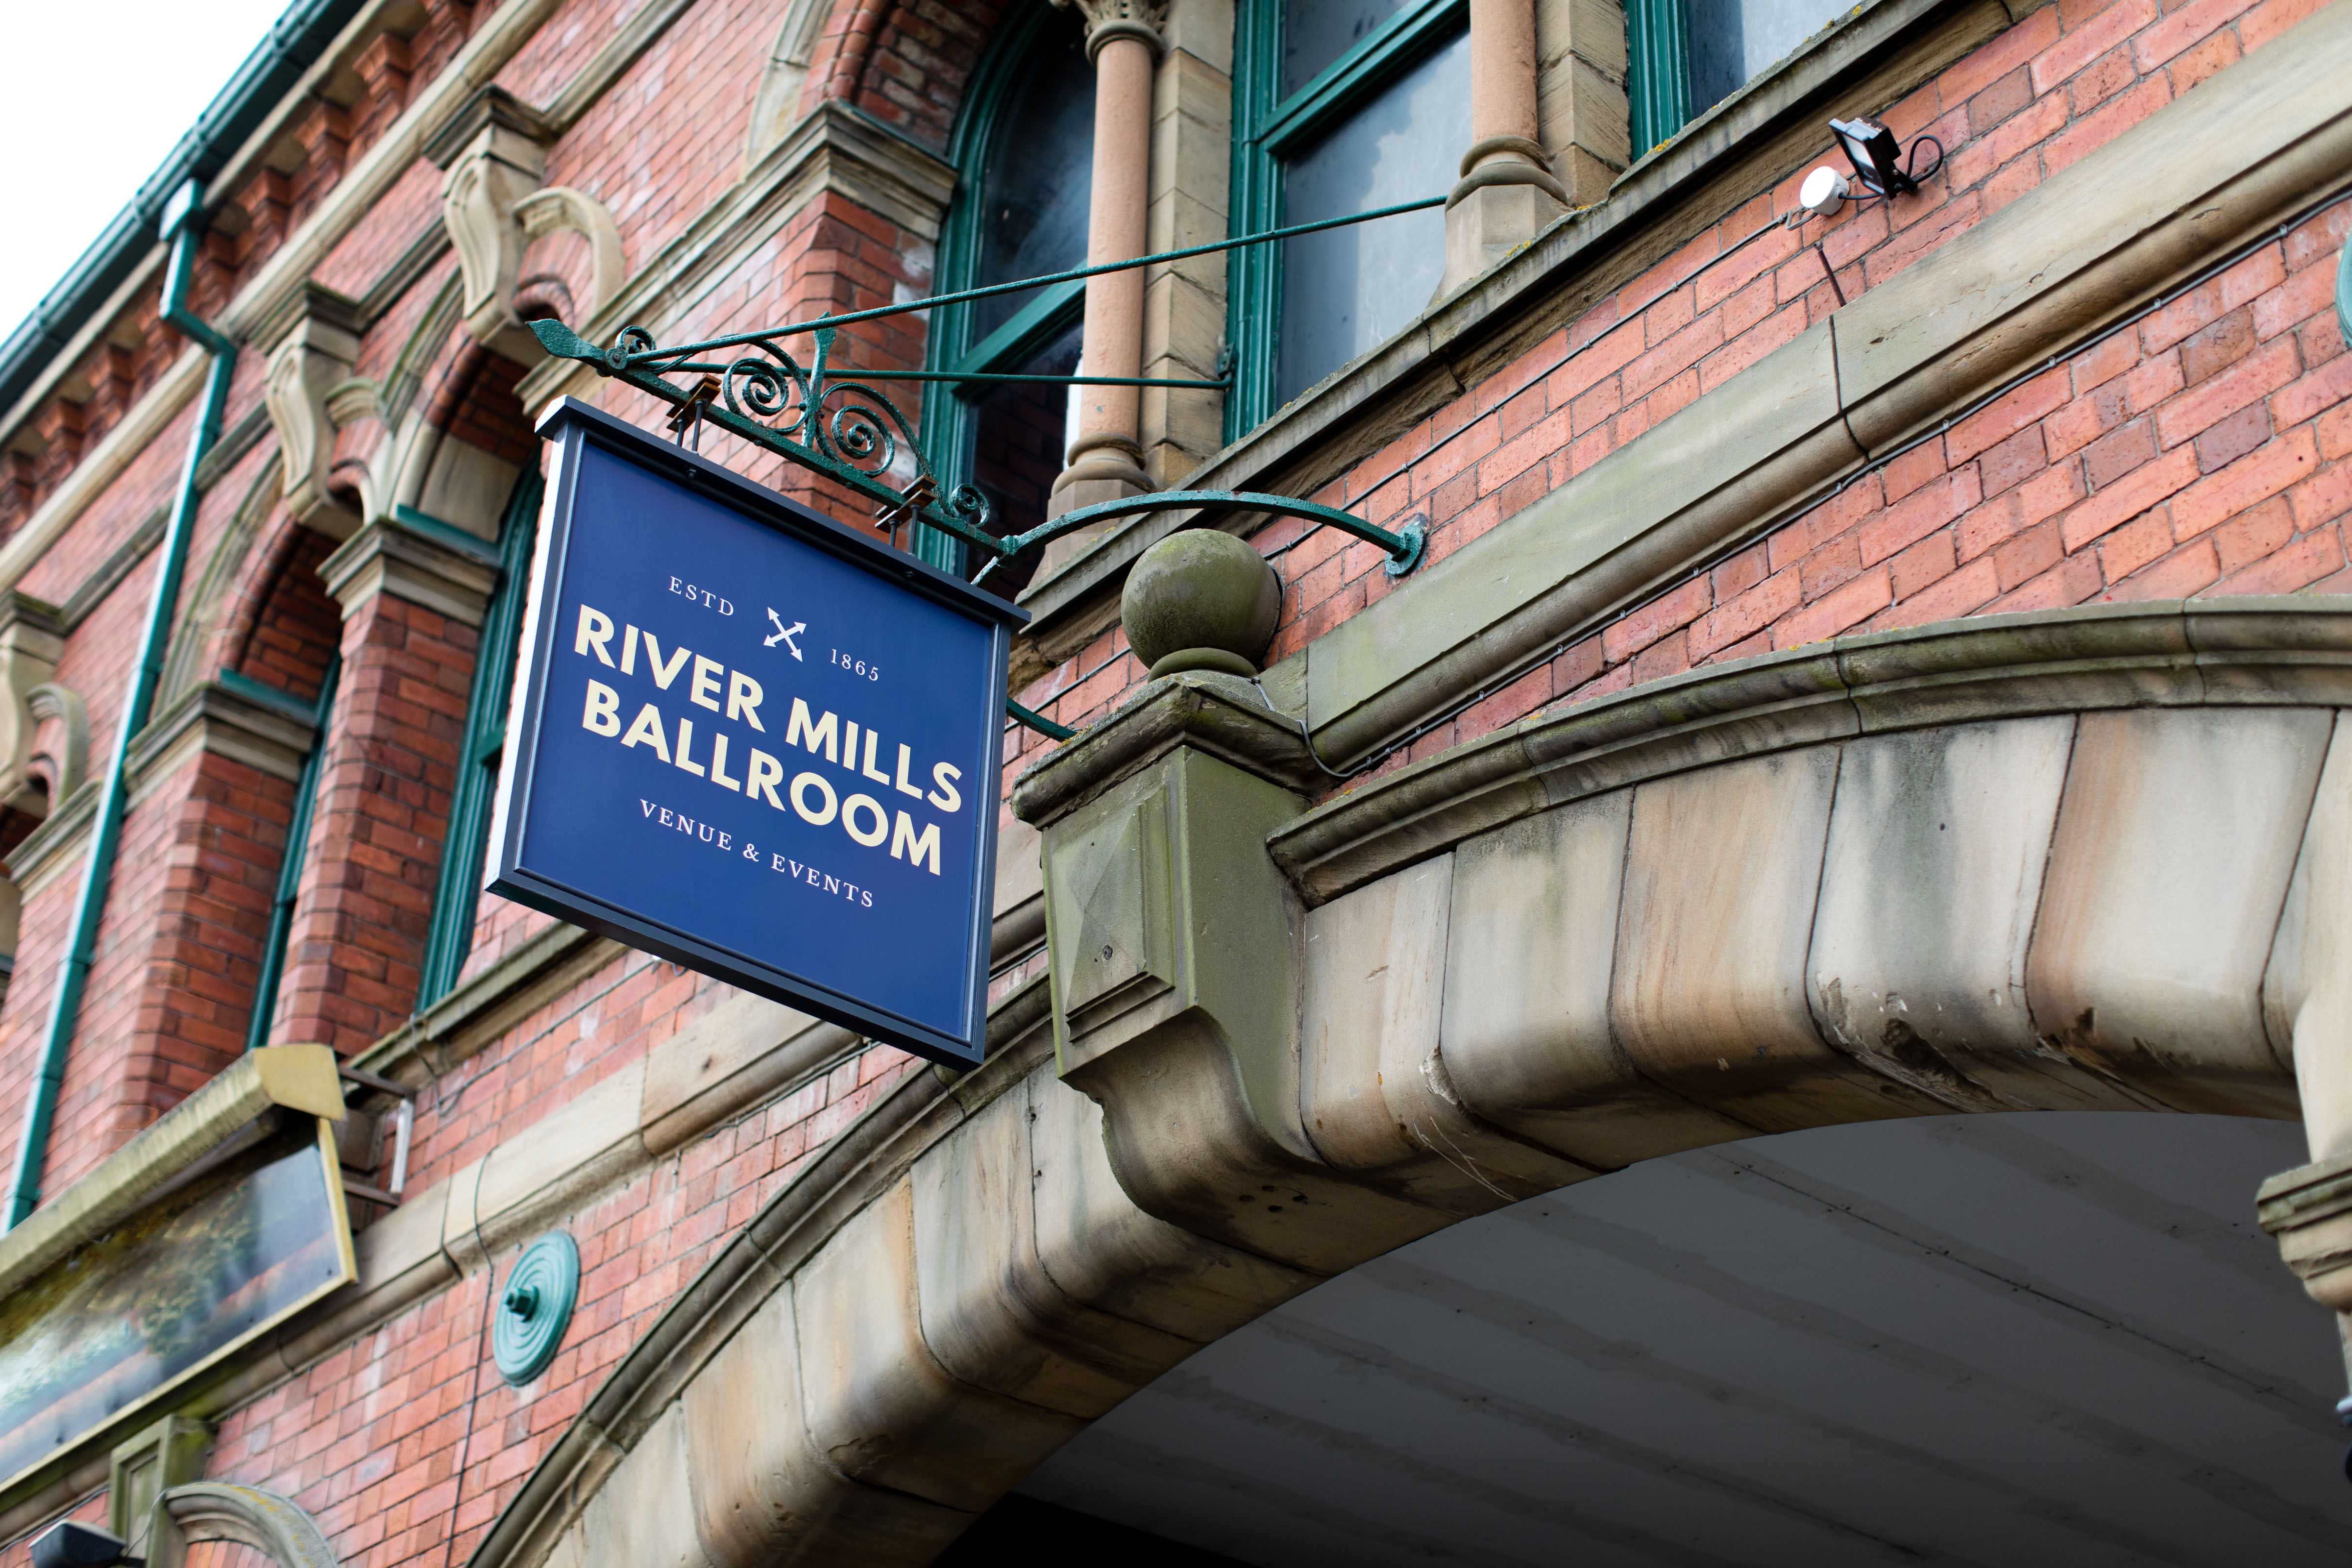 River Mills Ballroom